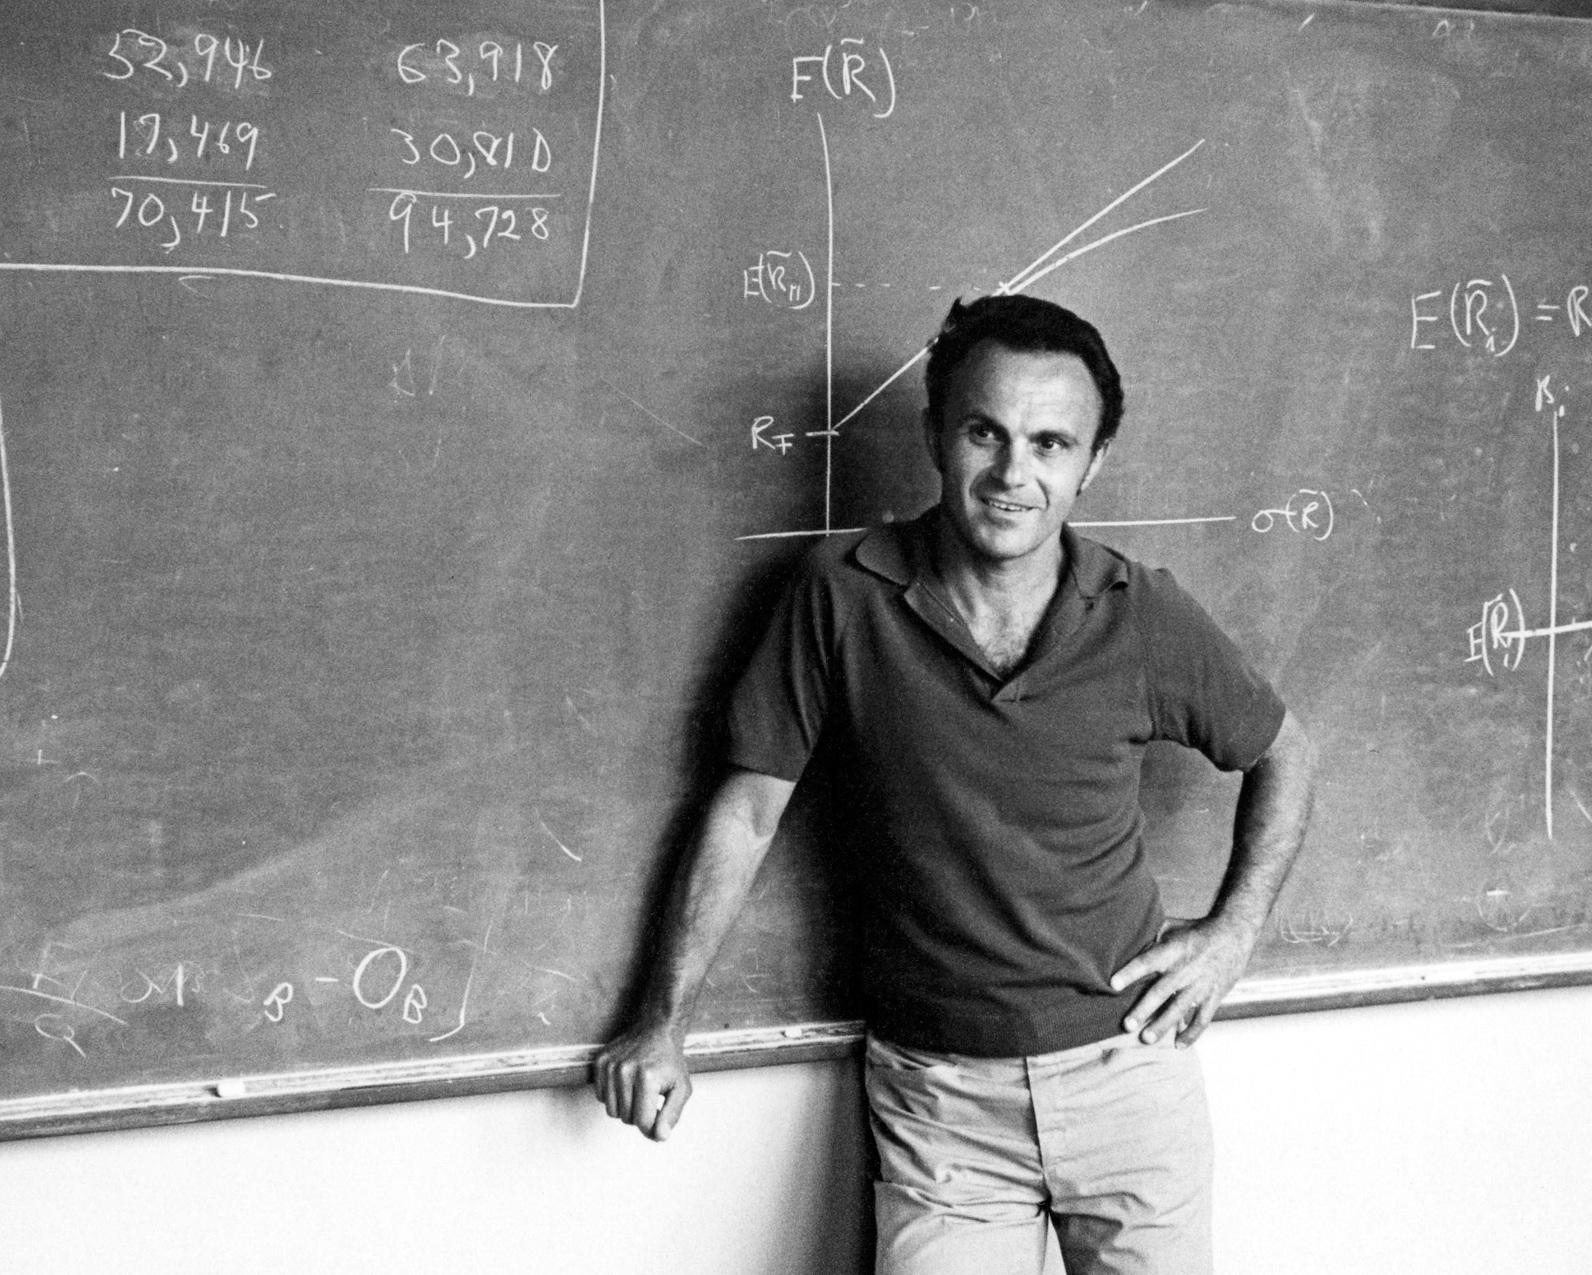 Efficient Market Hypothesis - Eugene Fama - The Sveriges Riksbank Nobel Prize in Economic Sciences 2013